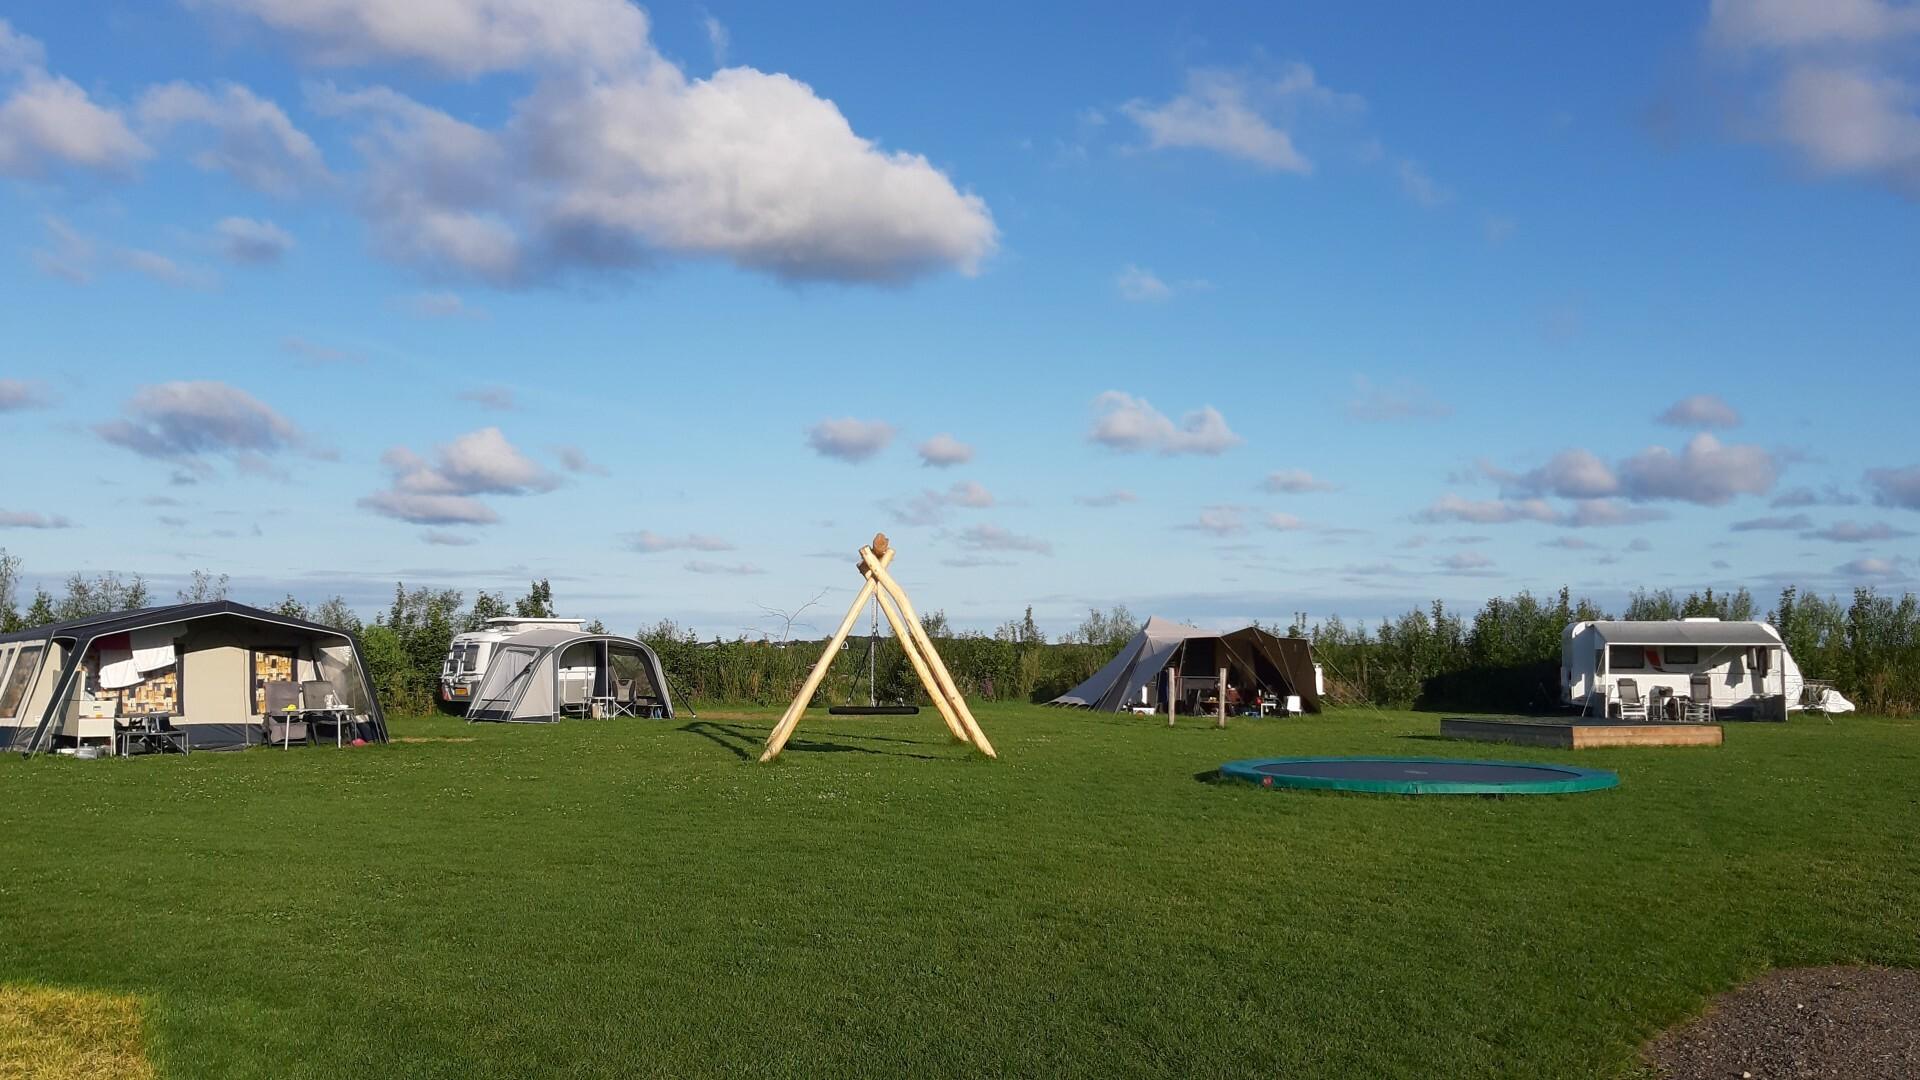 Boerderijcamping Texel speeltoestel trampoline VVV Texel